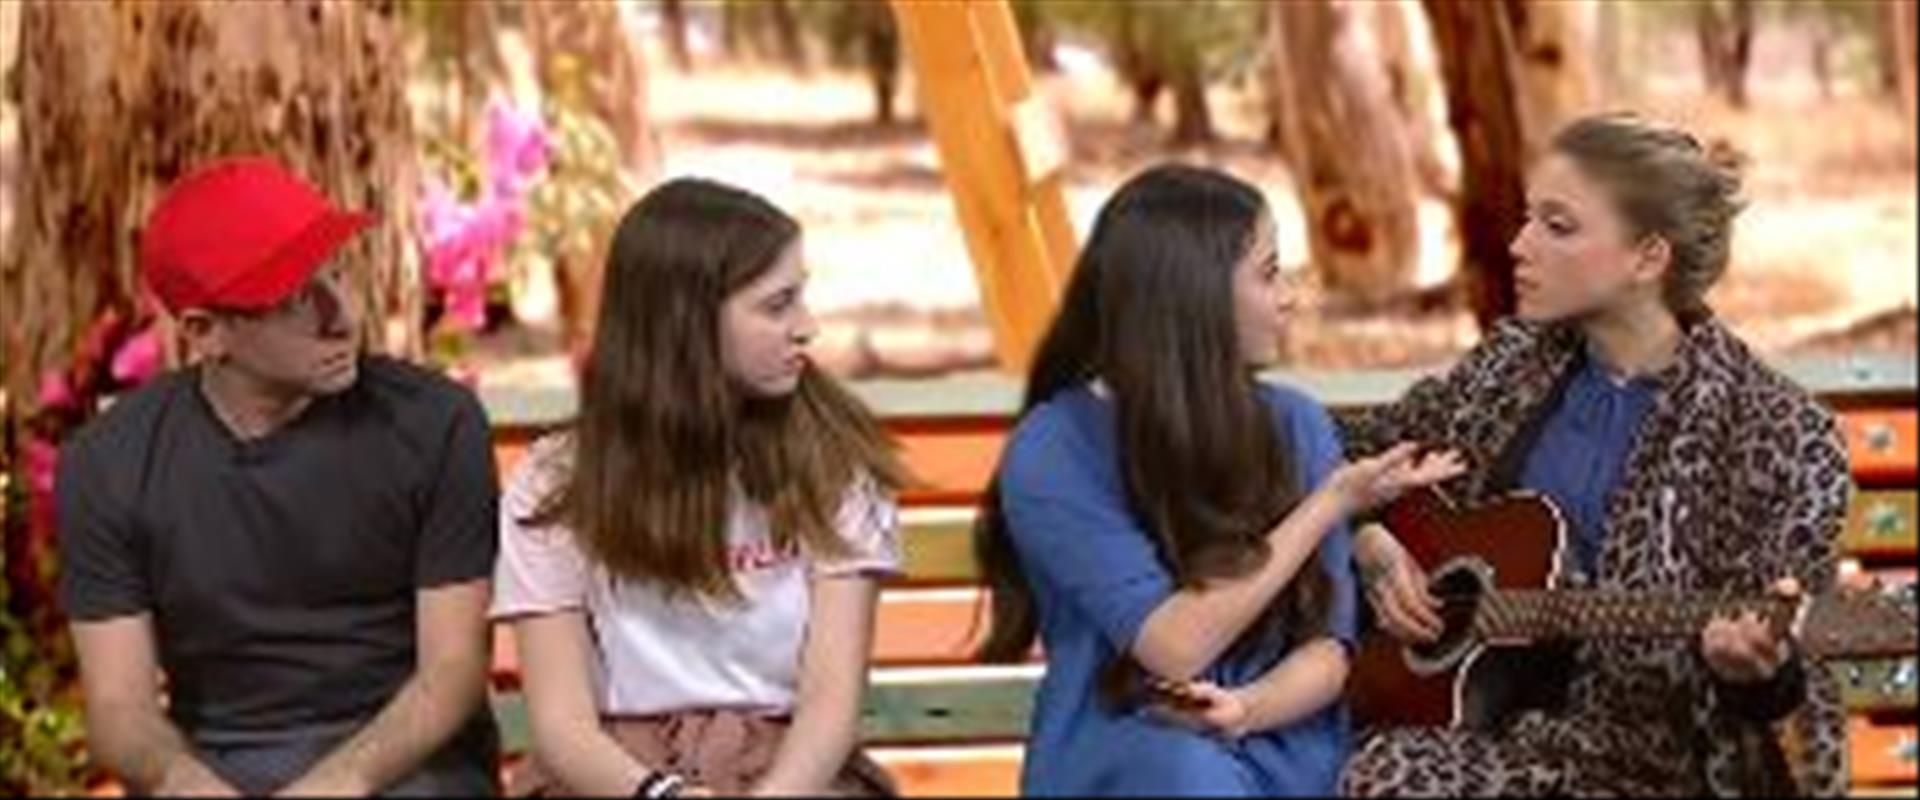 בוחרים בחפרנים | ילדי בית העץ